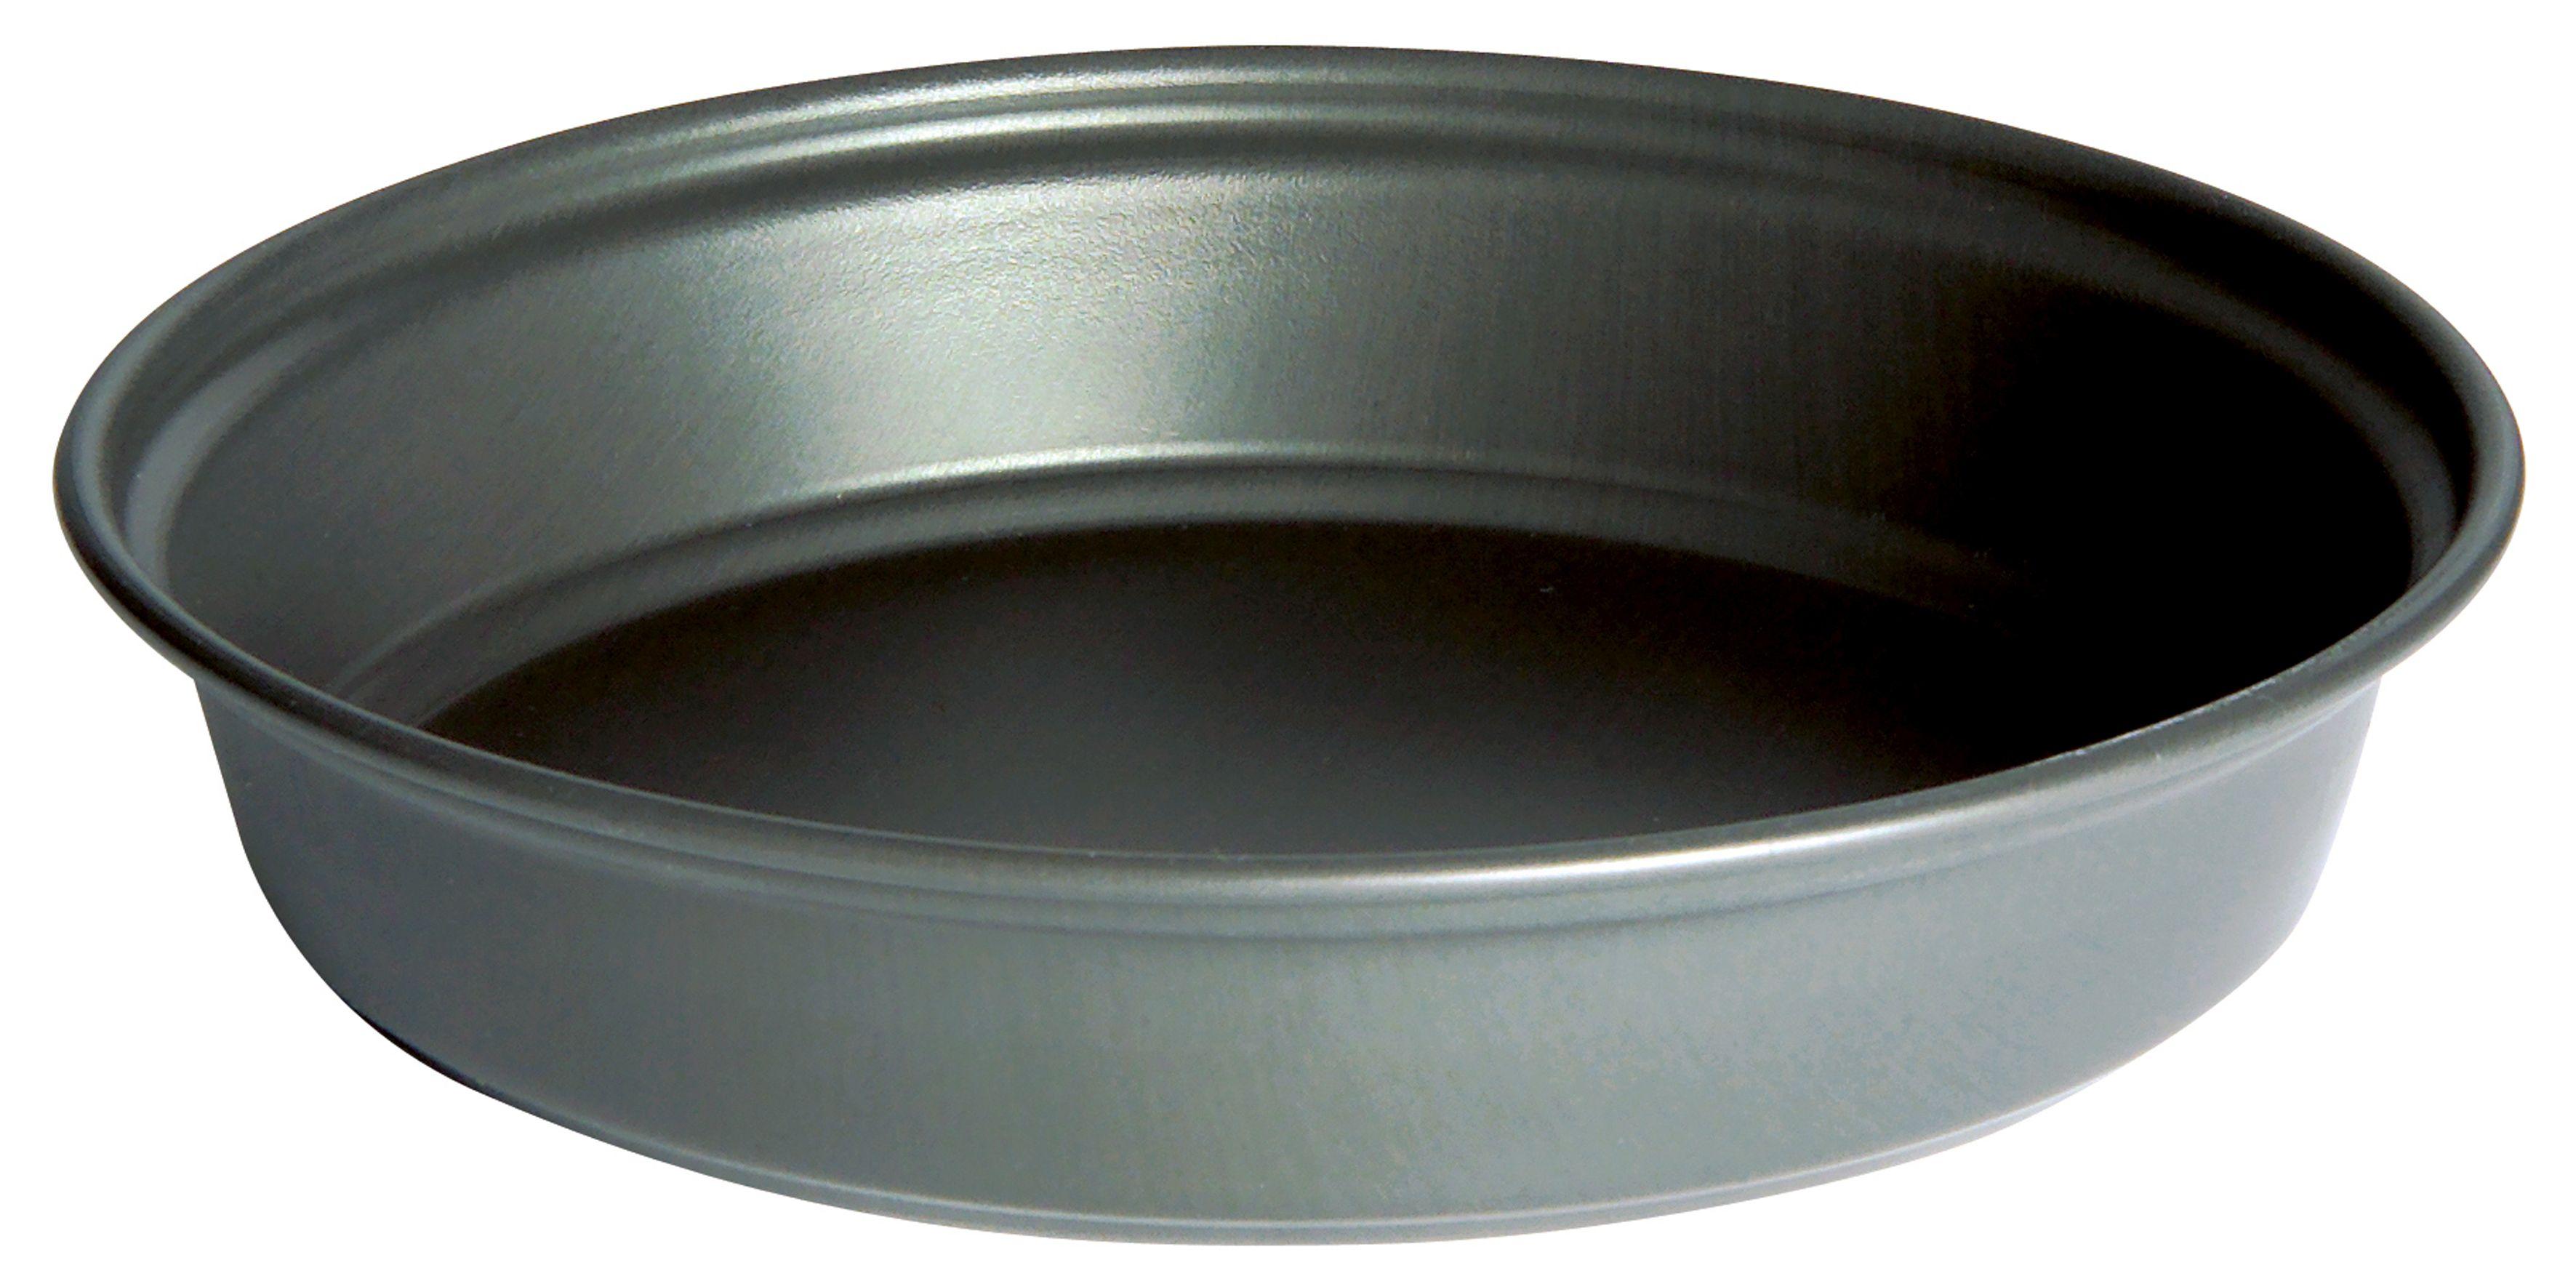 Nordisk Aluminium Plate-30